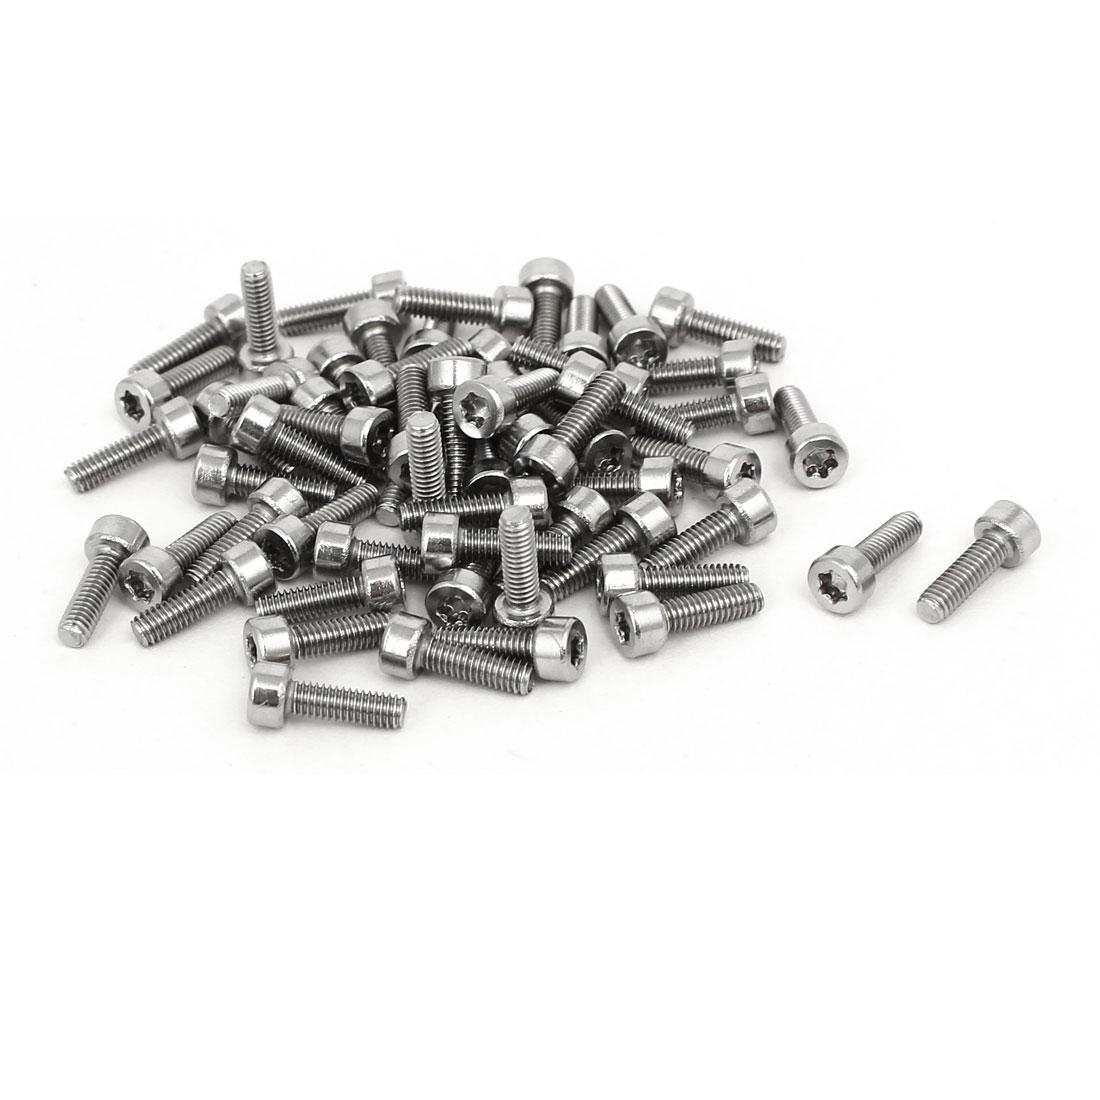 M2.5x8mm T8 Torx Drive 304 Stainless Steel Torx Socket Head Cap Screw 60pcs